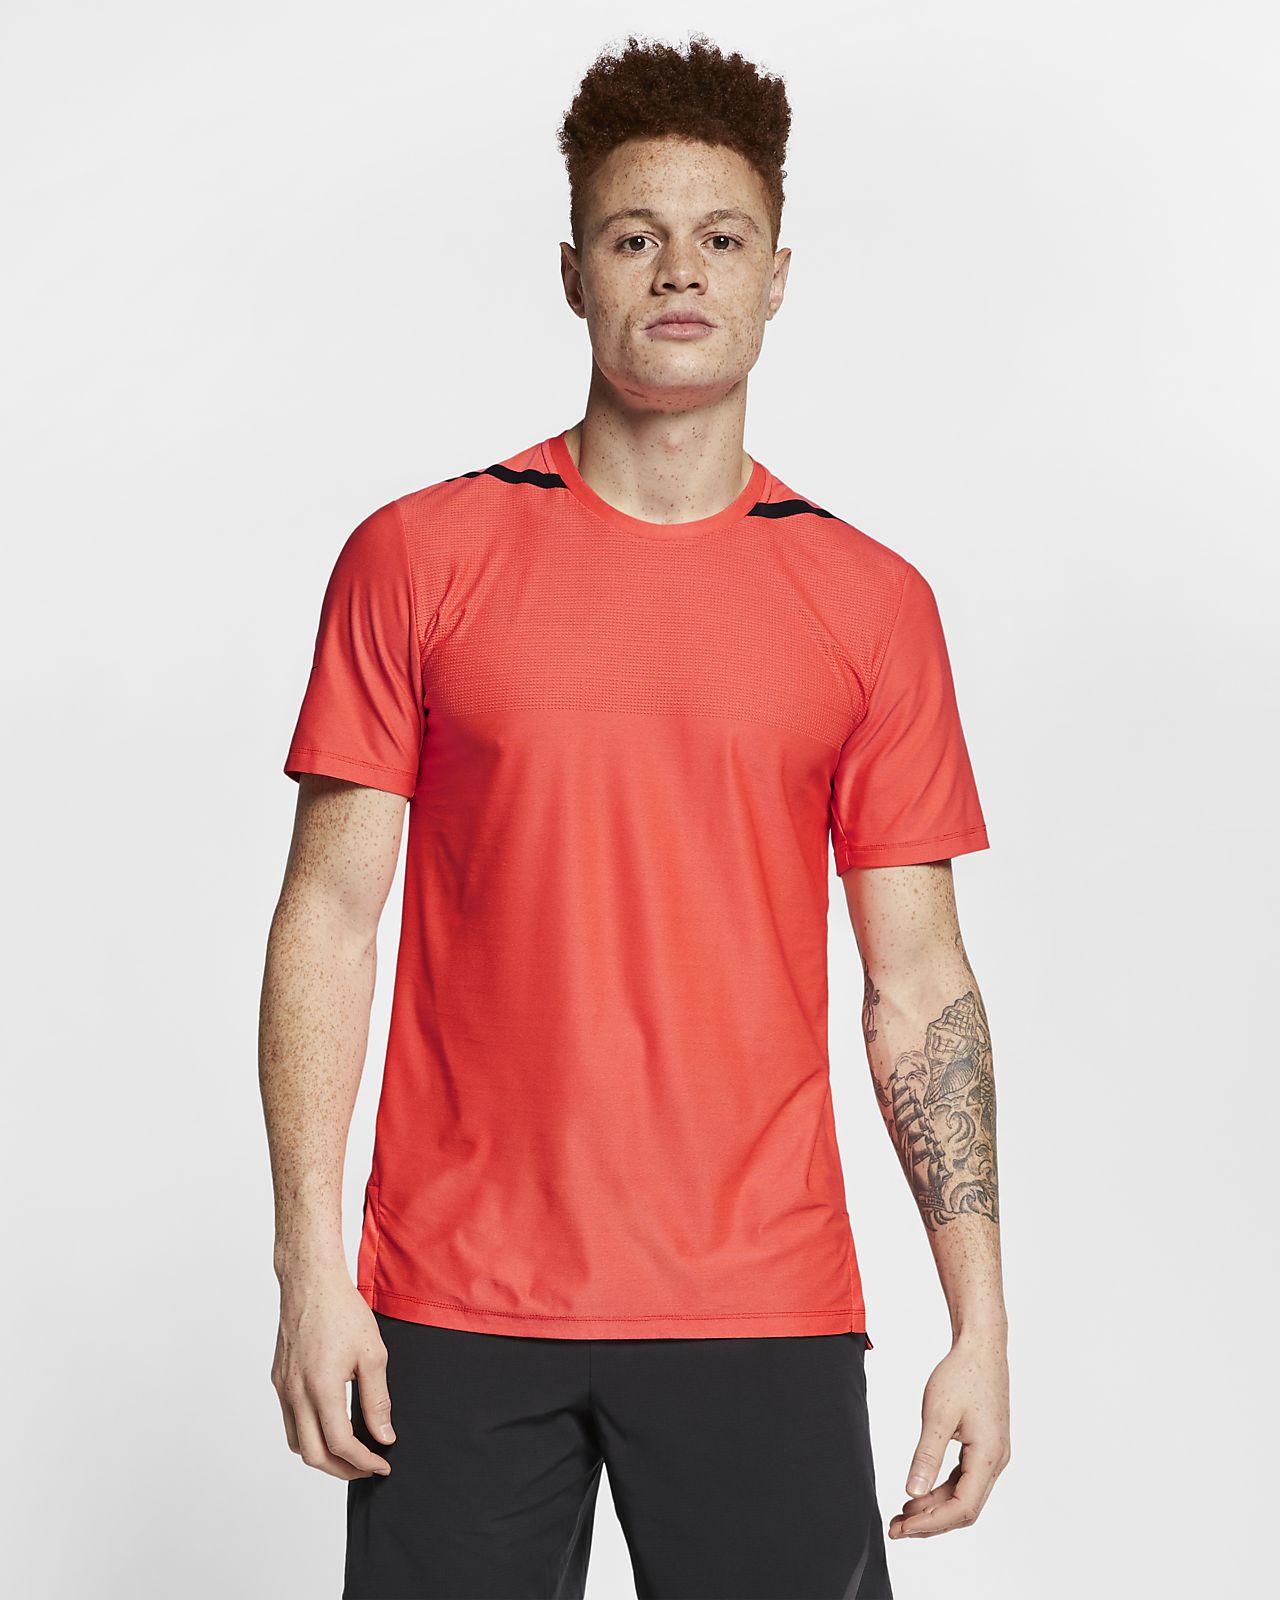 Prenda para la parte superior de entrenamiento de manga corta para hombre Nike Dri-FIT Tech Pack